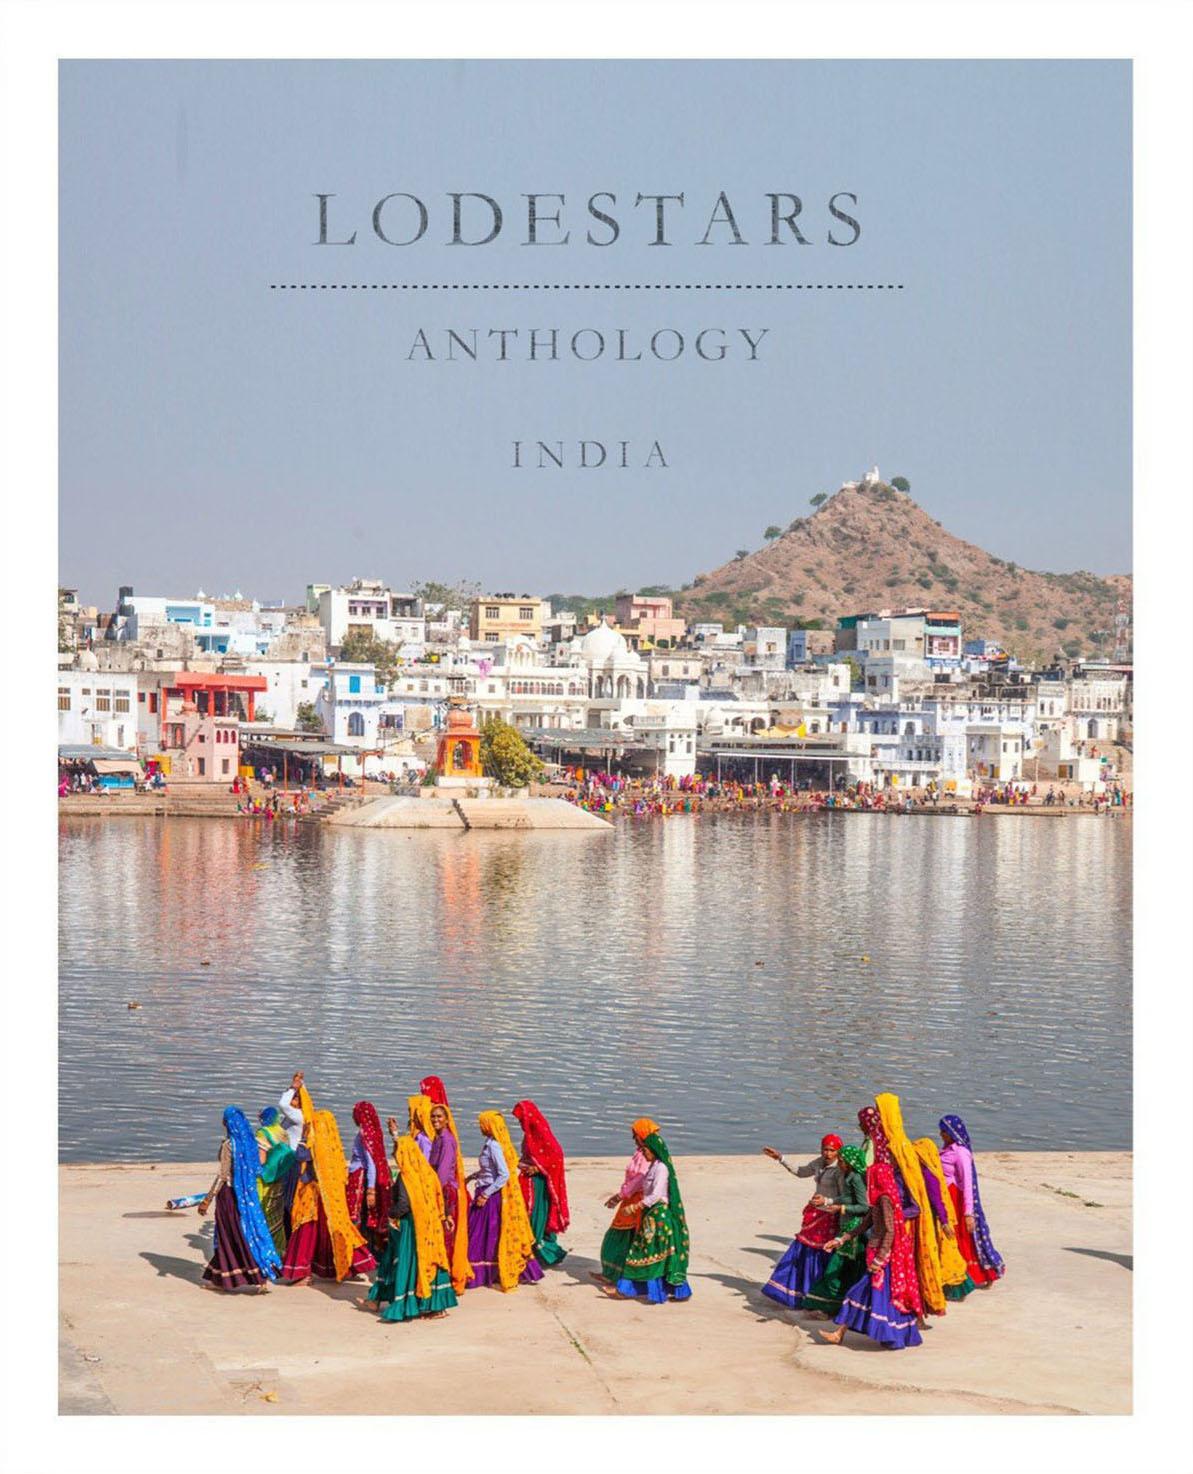 Karan Kumar Sachdev-Lodestar Anthology 1.jpg